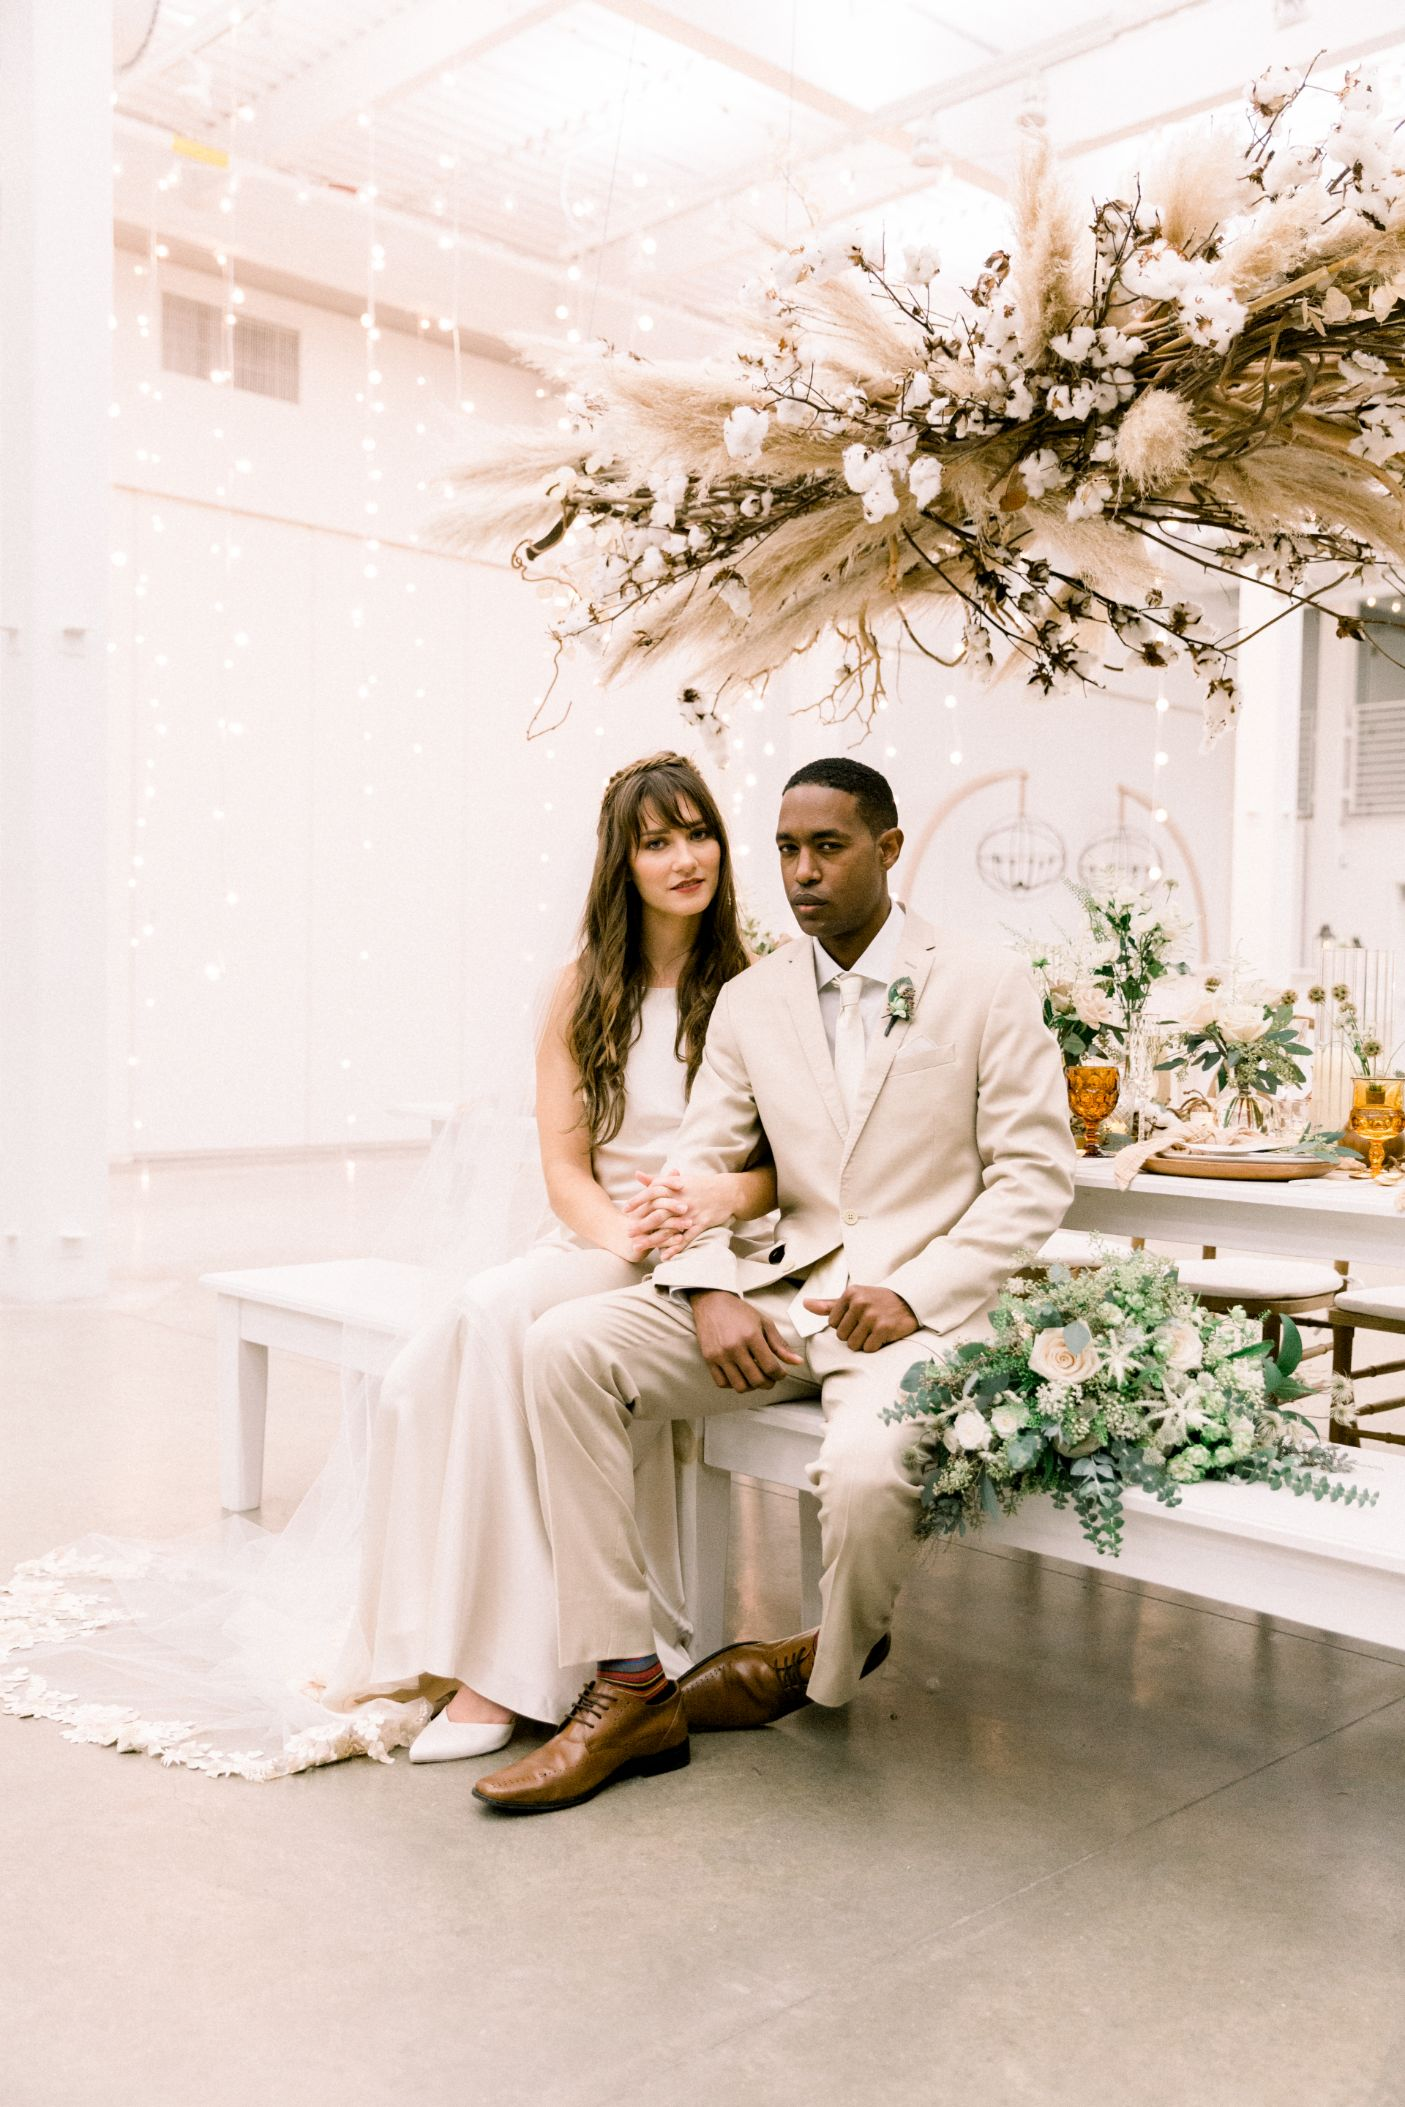 artists-for-humanity-industrial-bohemian-wedding-daylynn-designs285.jpg